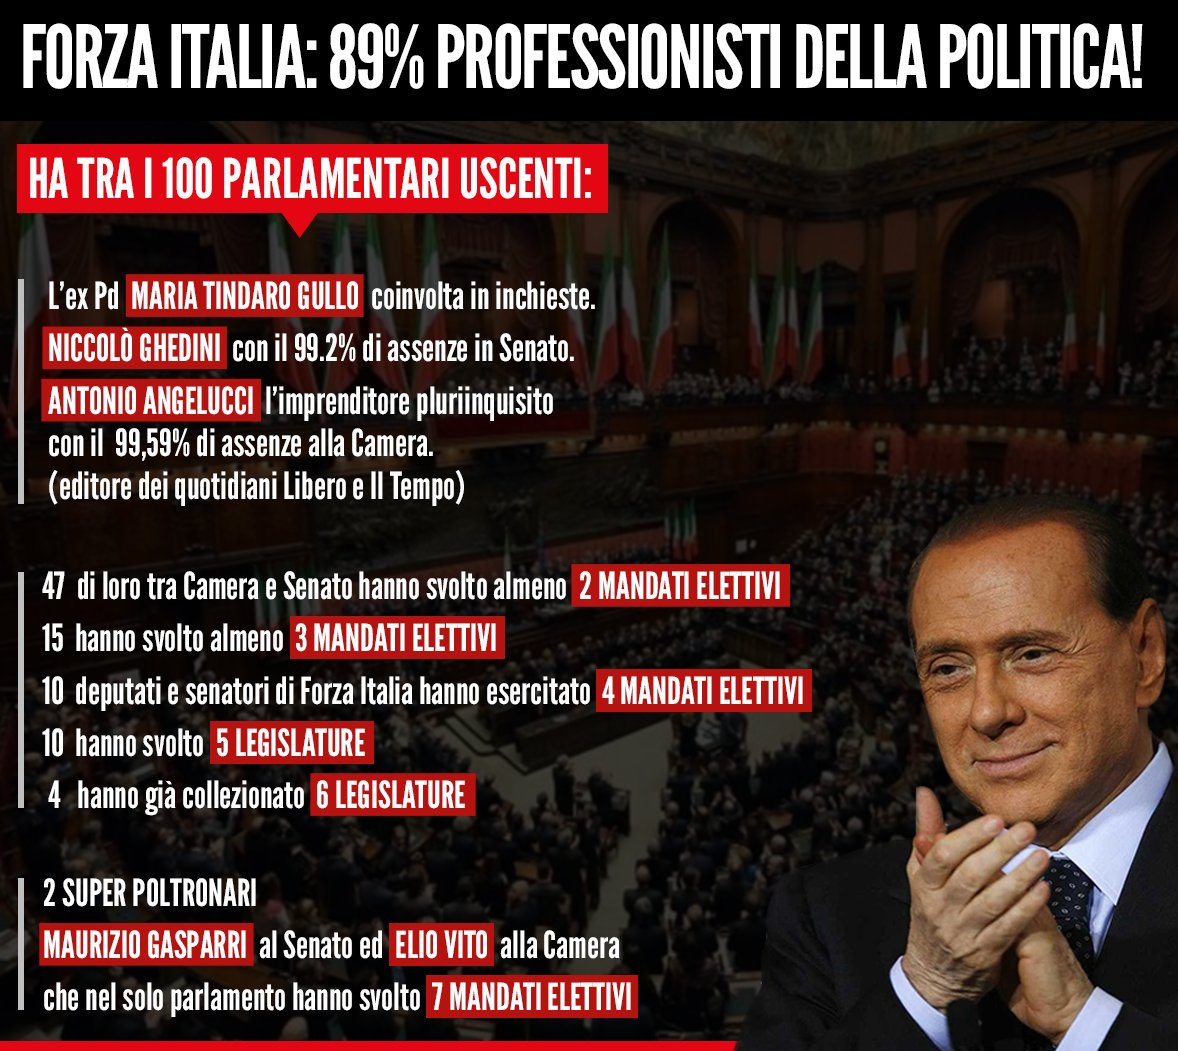 Forza Italia: 89% professionisti della p...